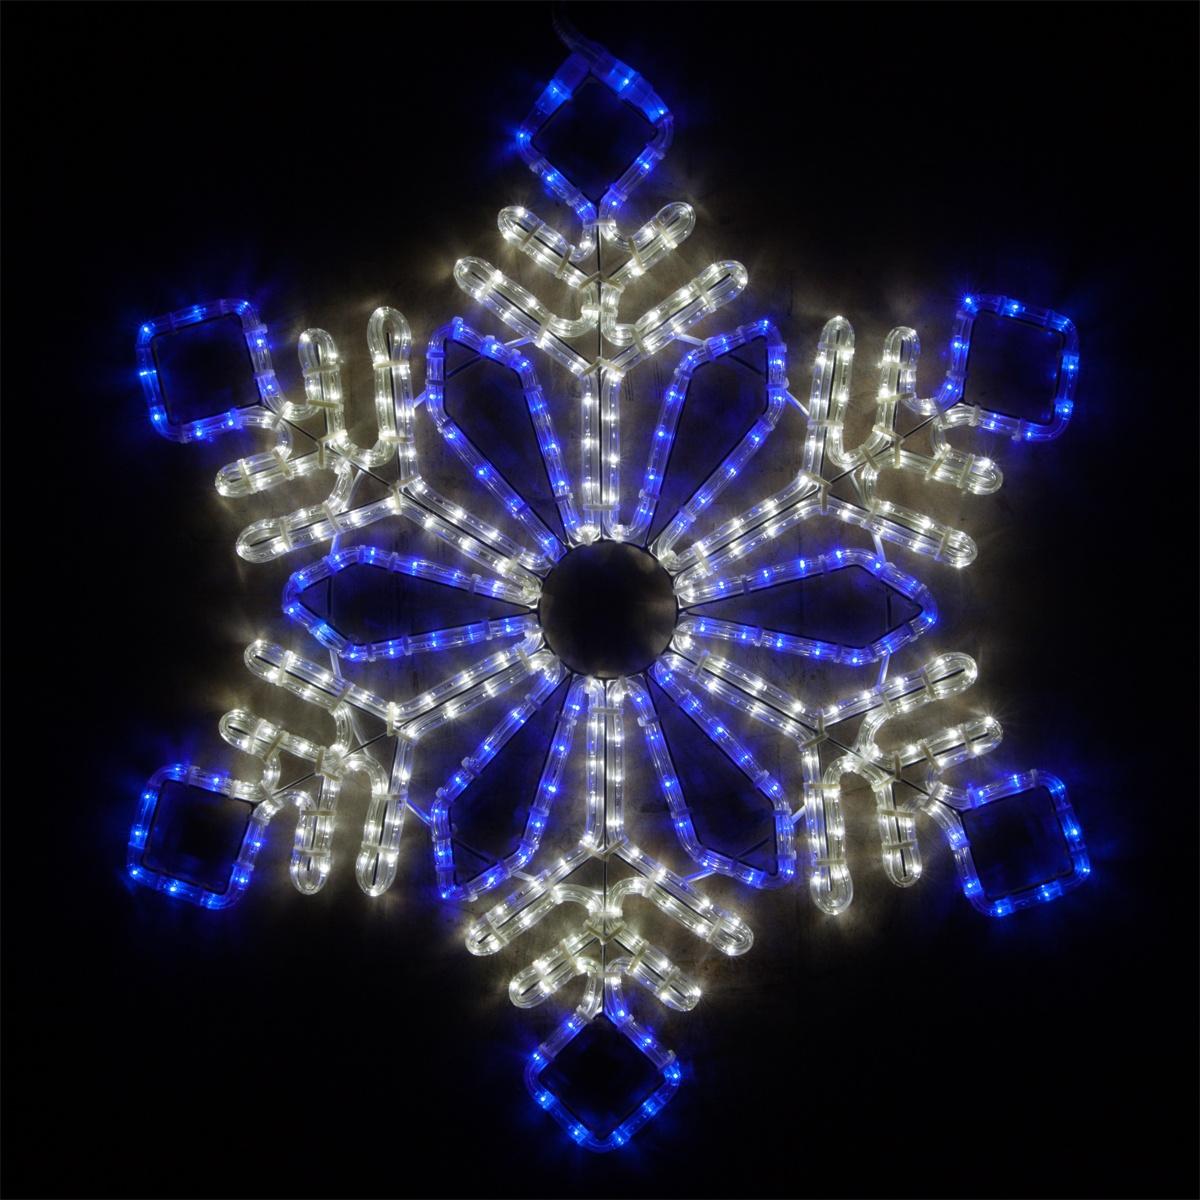 Christmas Lights Snowflakes